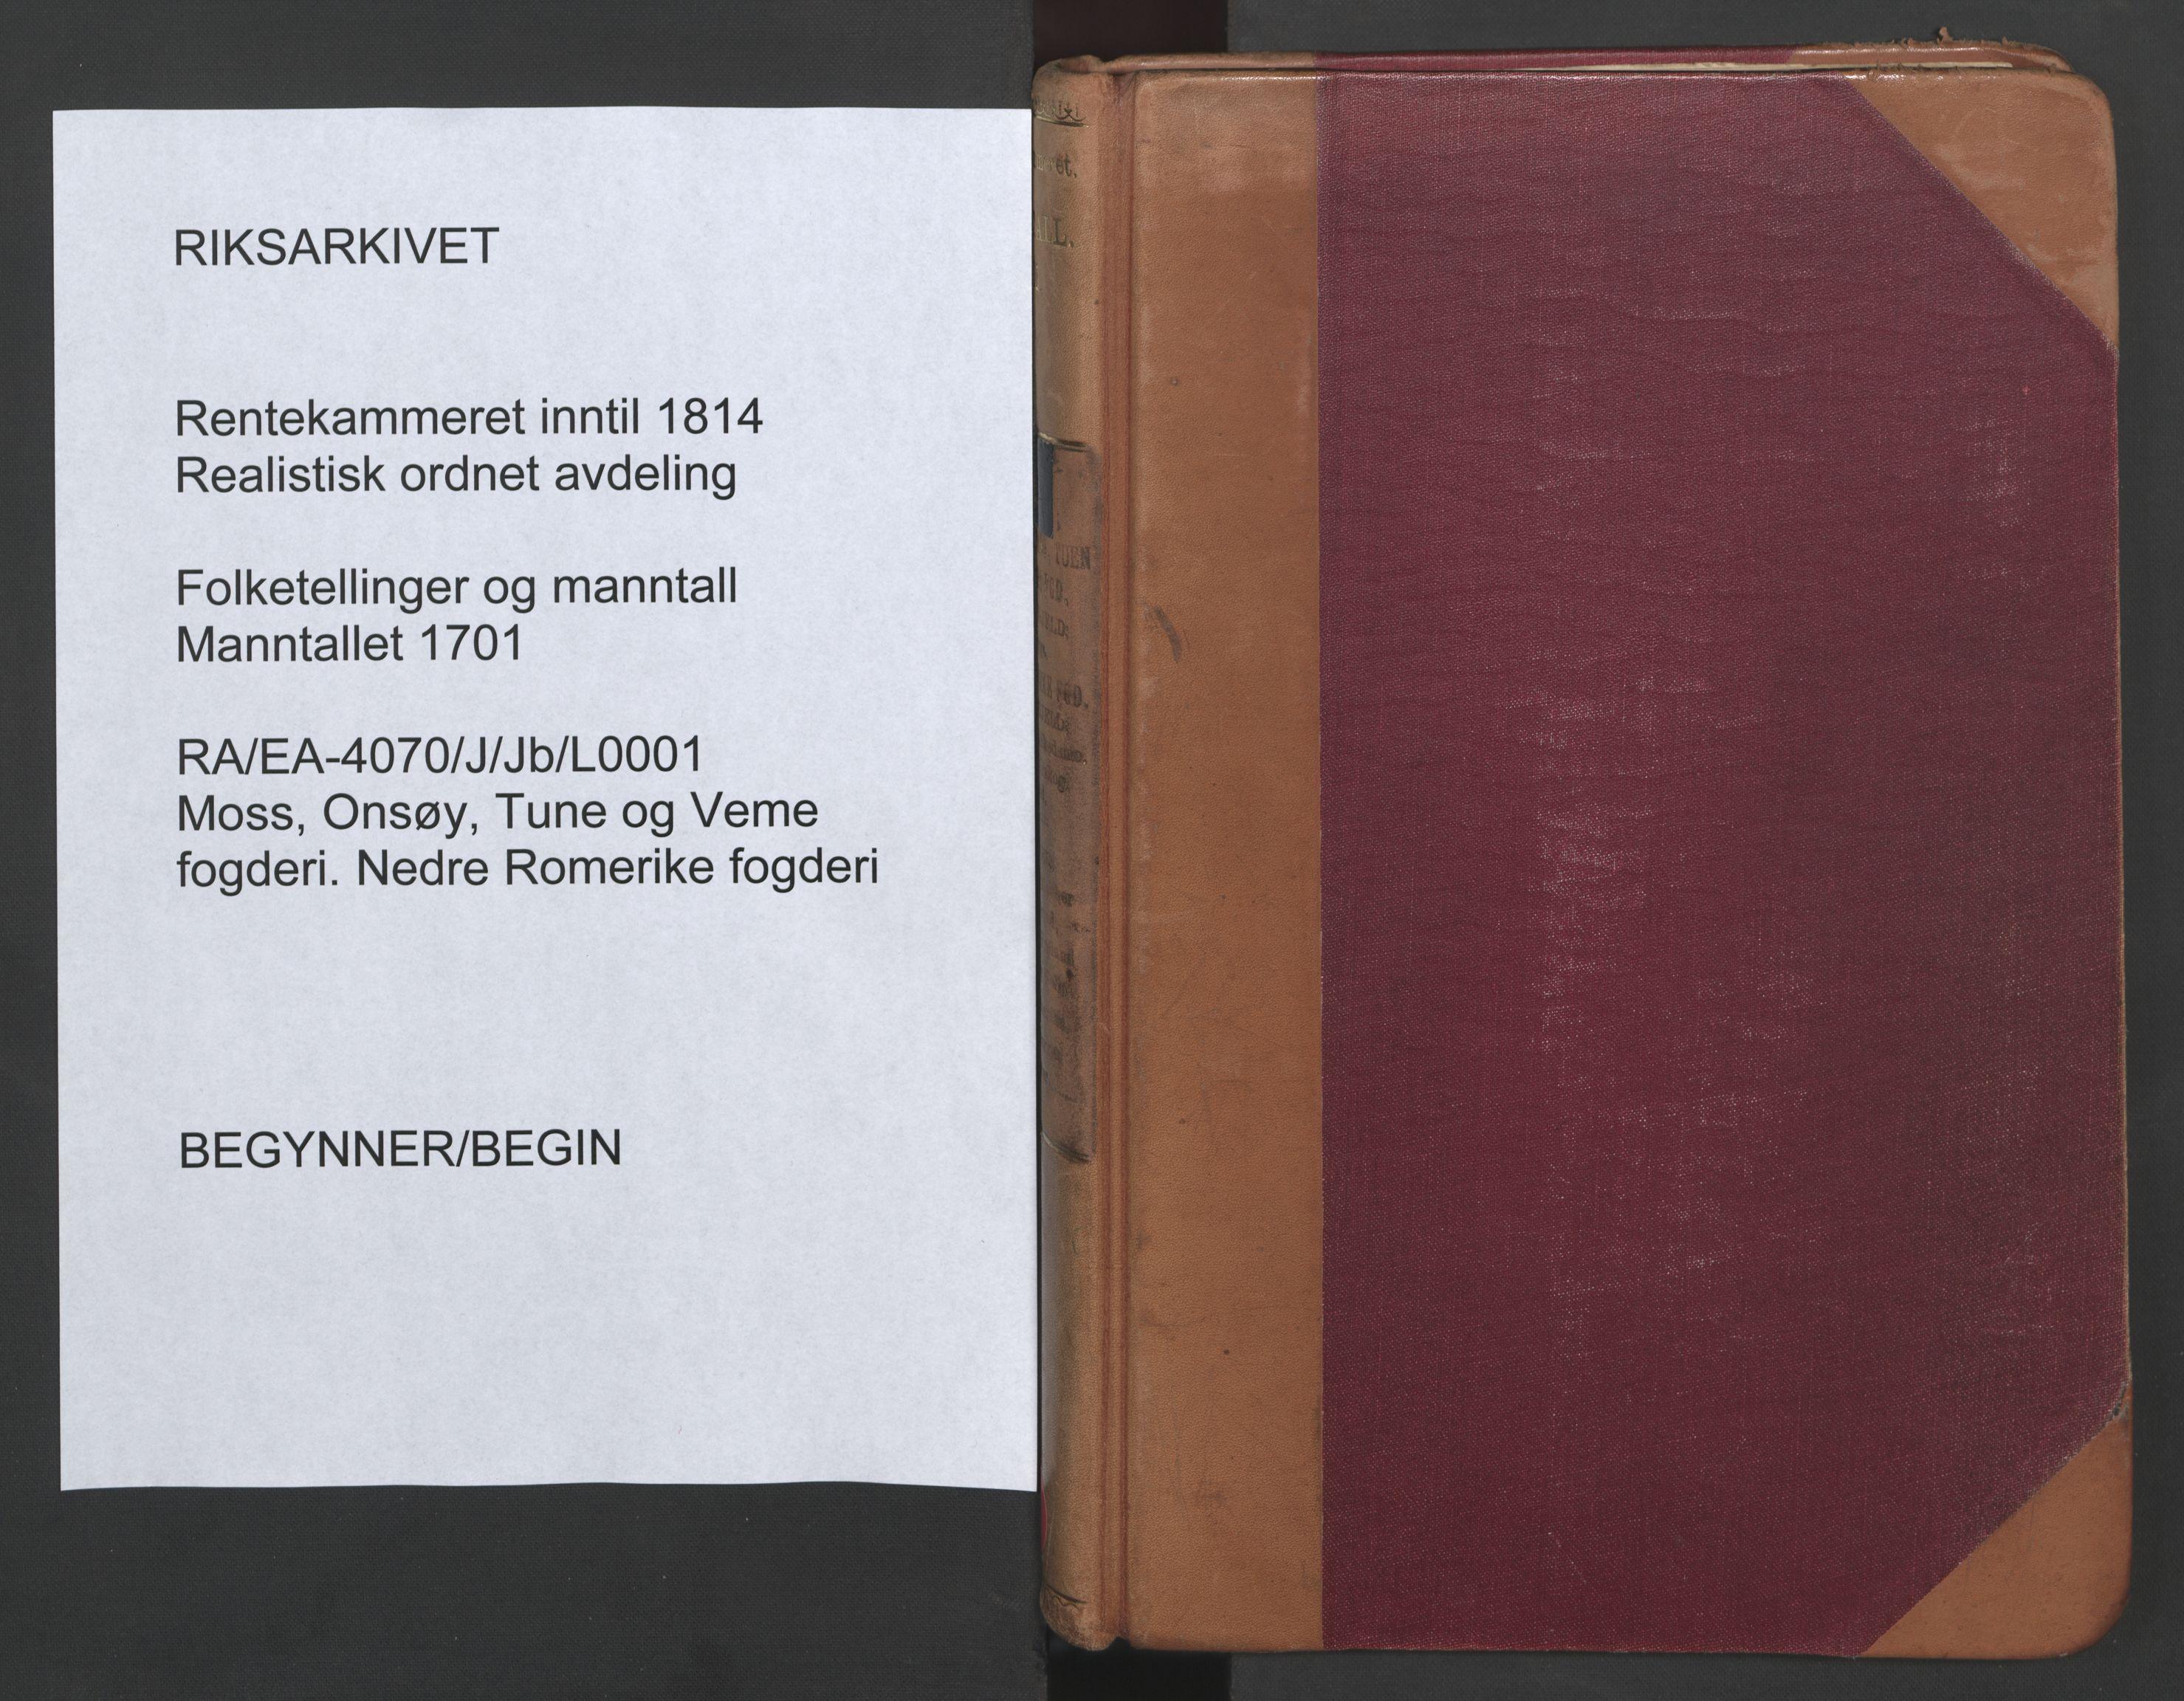 RA, Manntallet 1701, nr. 1: Moss, Onsøy, Tune og Veme fogderi og Nedre Romerike fogderi, 1701